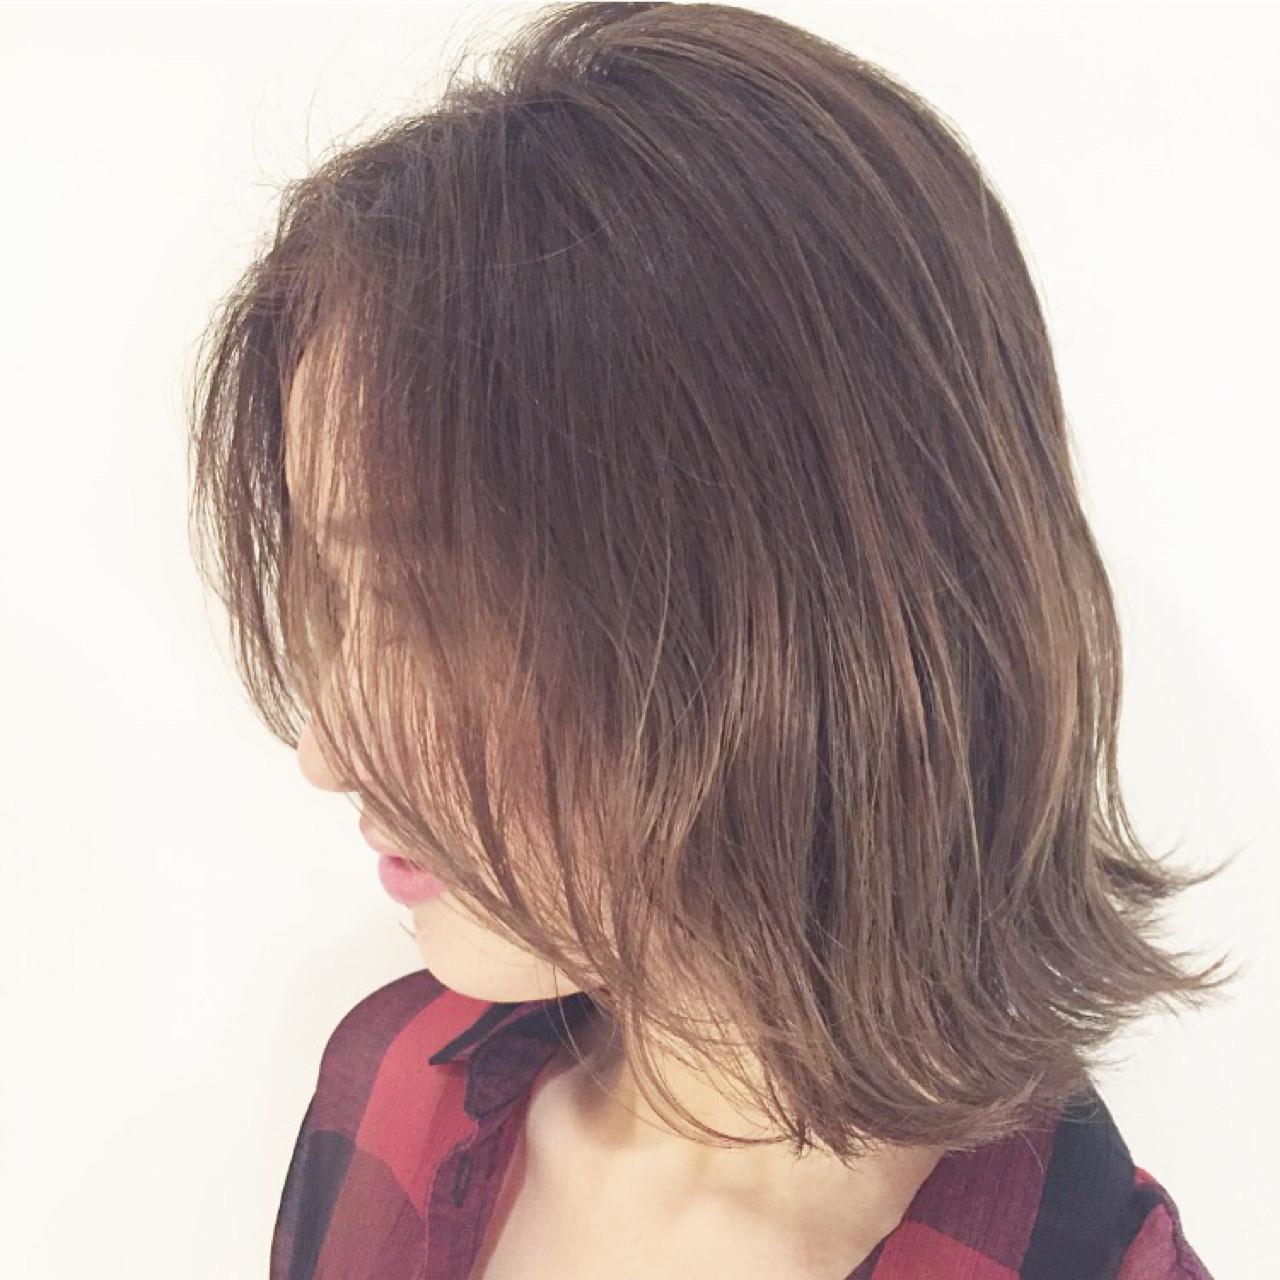 外国人風 前髪あり 夏 アッシュ ヘアスタイルや髪型の写真・画像